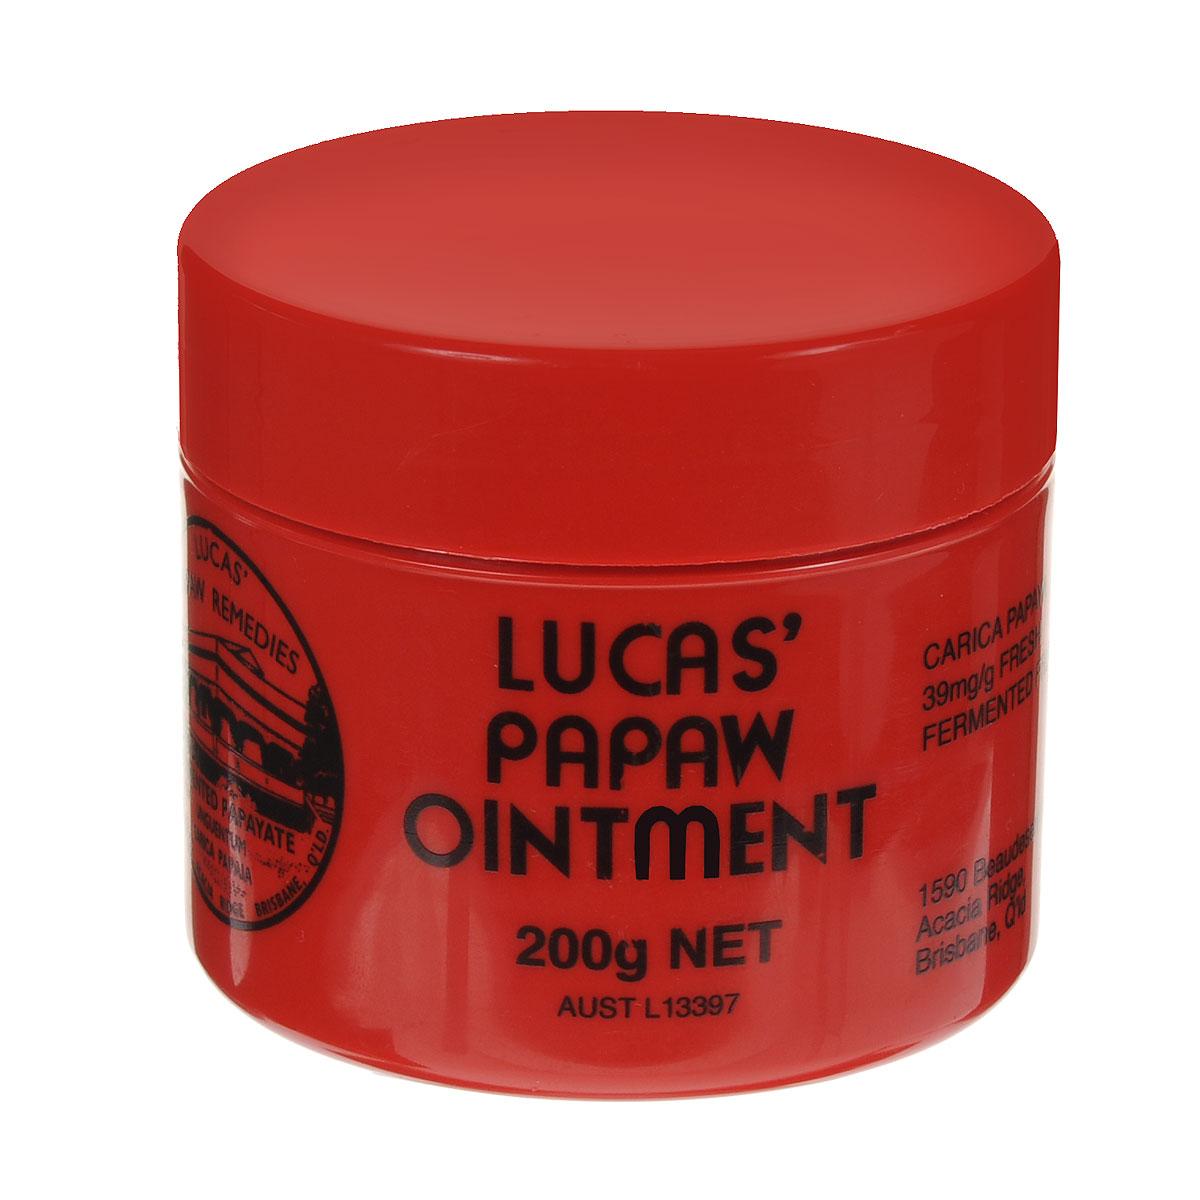 Lucas Papaw Бальзам для губ Ointment, 200 гFS-00897Вот уже больше 100 лет бальзам Lucas Papaw Ointment является одним из лучших средств для лечения и ухода за кожей.Это настоящий специалист по уходу за губами. Тающая, гладкая текстура бальзама хорошо впитывается в кожу и интенсивно ее питает, регенерирует, увлажняет и при этом не создает ощущение липкости на губах. Lucas Papaw Ointment включает в себя антисептические и антибактериальные свойства и может использоваться, так же:- для потрескавшихся губ, при трещинах и сухости губ,- при солнечных ожогах, - при покраснениях и детской опрелости,- при укусах насекомых,- при порезах и ссадинах … и прочих мелких кожных проблемах.Товар сертифицирован.